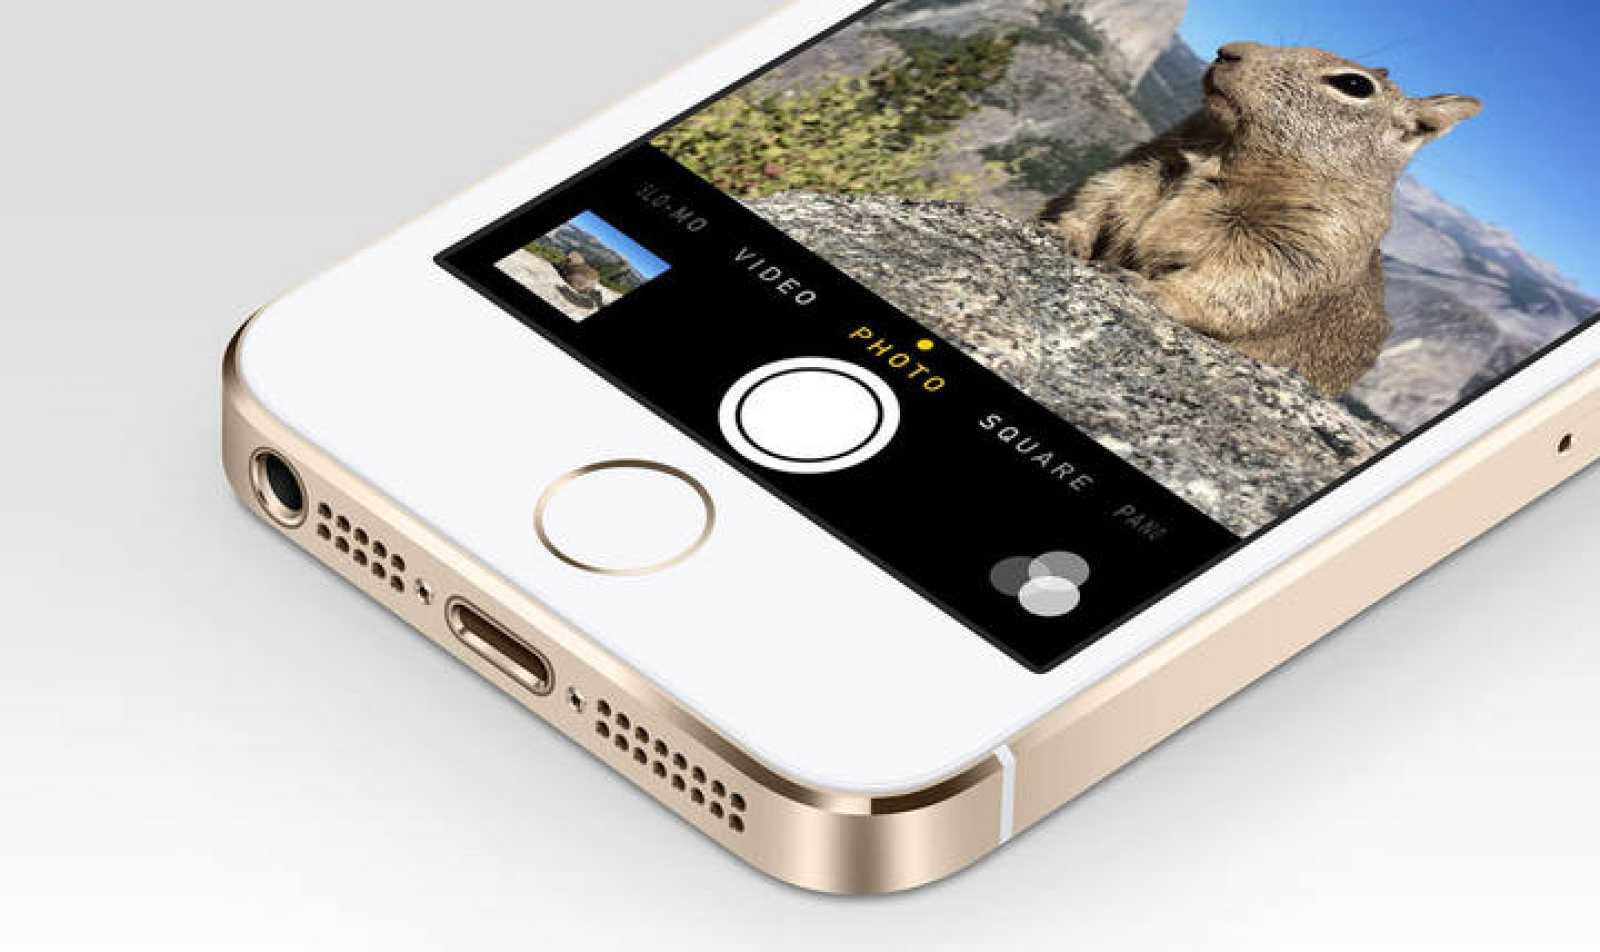 Detalle del iPhone 5s dorado